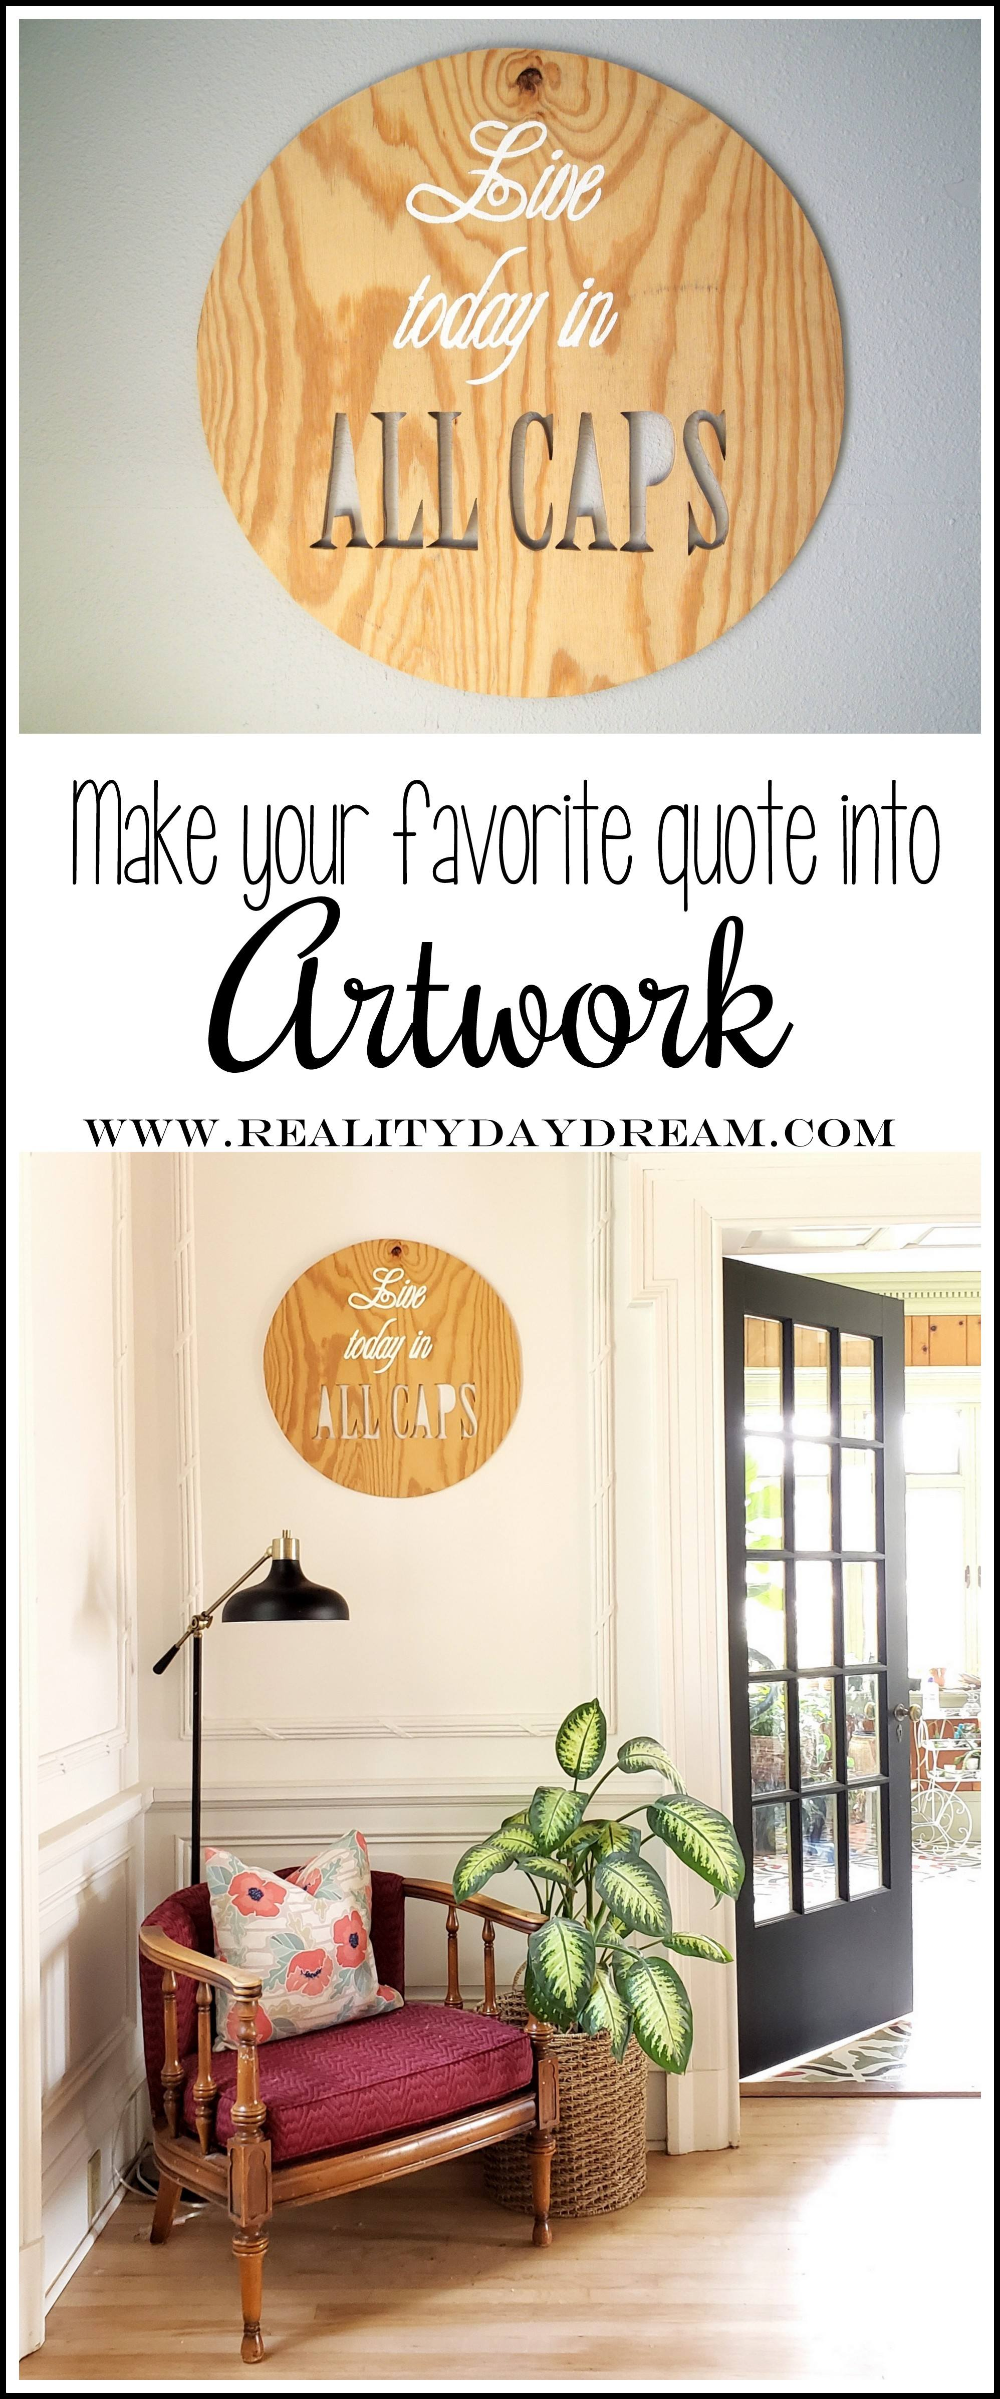 DIY Plywood Quote Artwork | Home decor, Plywood walls, Diy ...